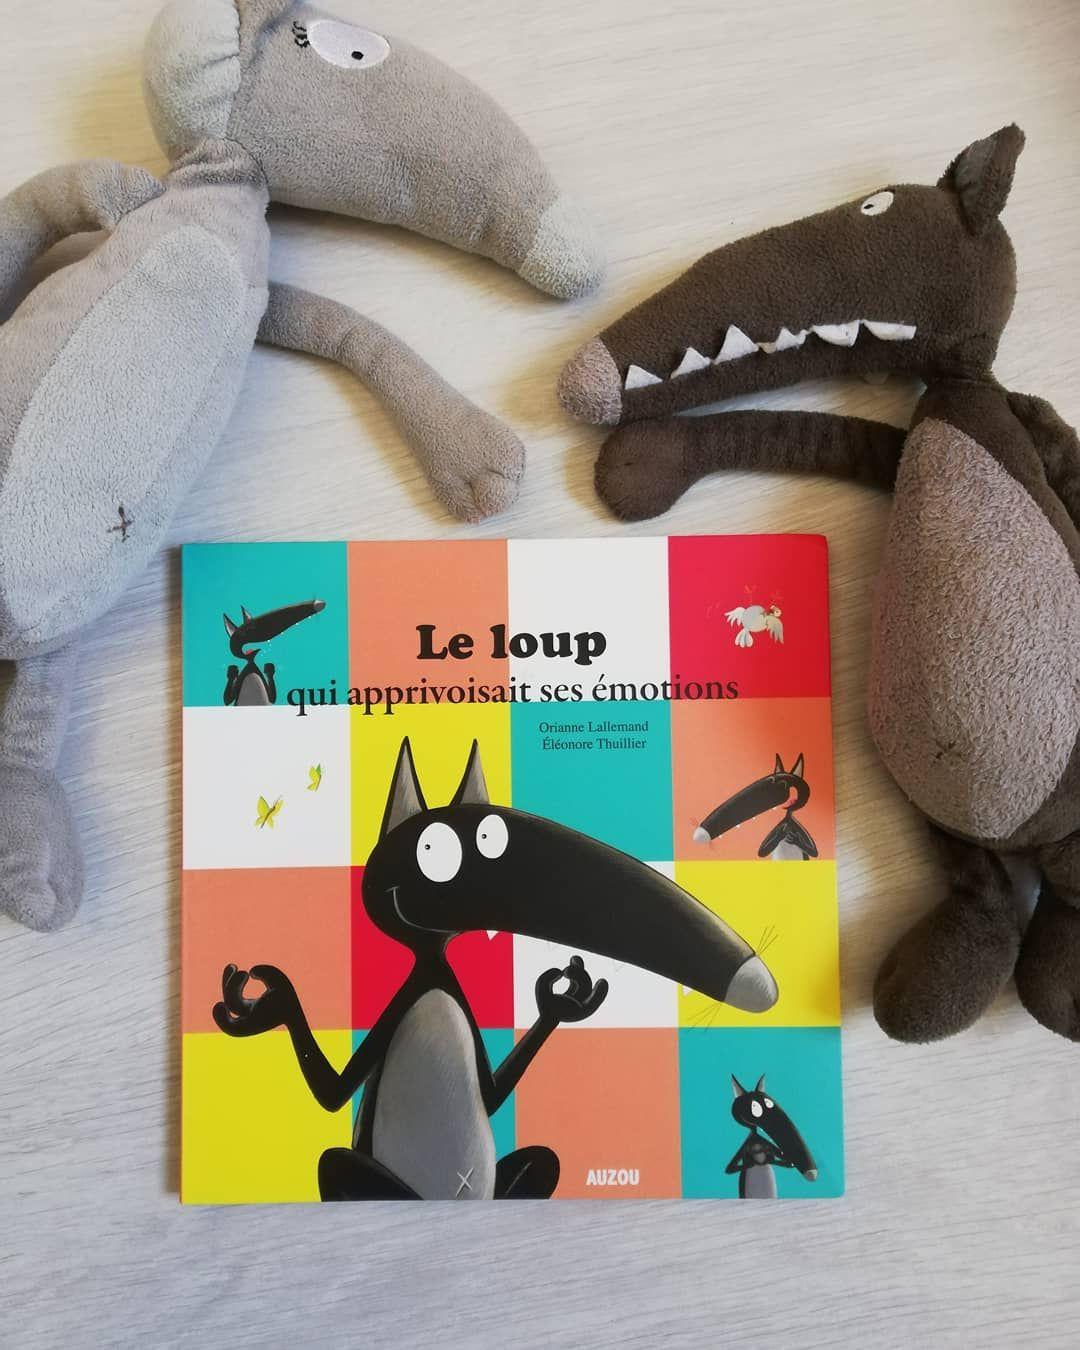 Le Loup Qui Apprivoisait Ses Emotions : apprivoisait, emotions, Apprivoisait, émotions-, Auzou, Enfant, Bébé, Loisir